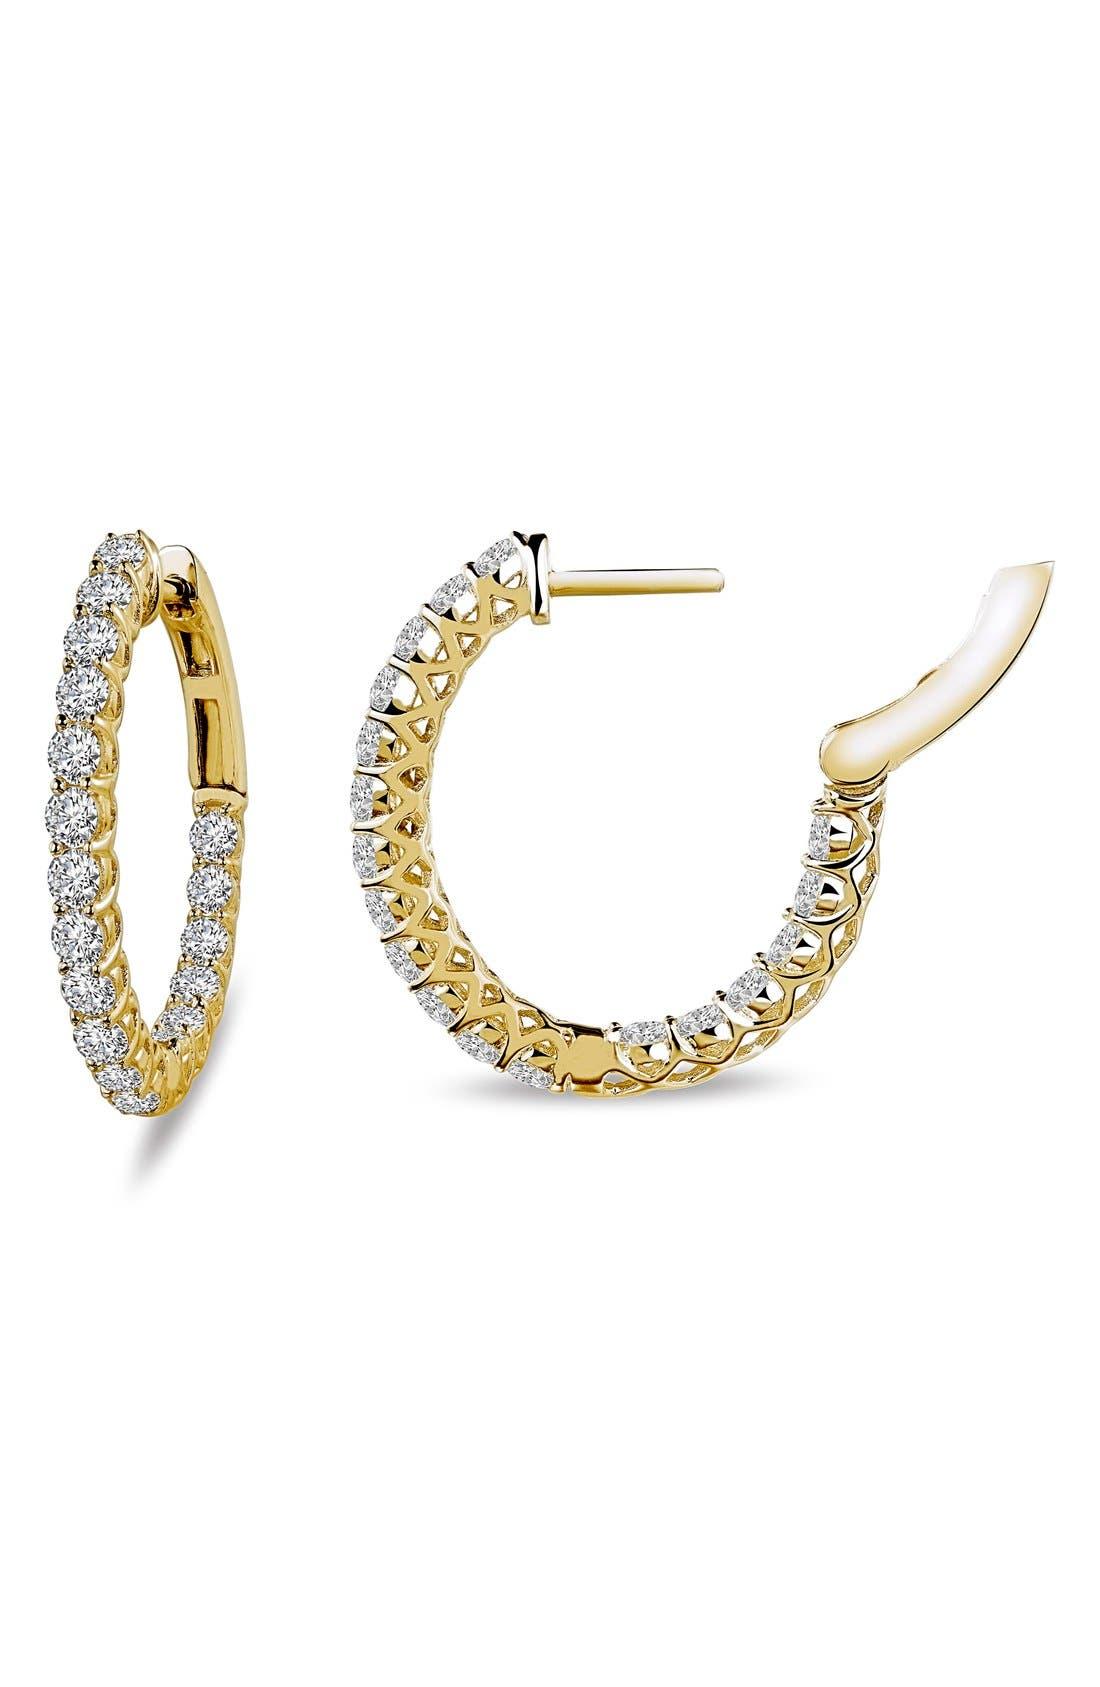 LAFONN Lassaire Hoop Earrings